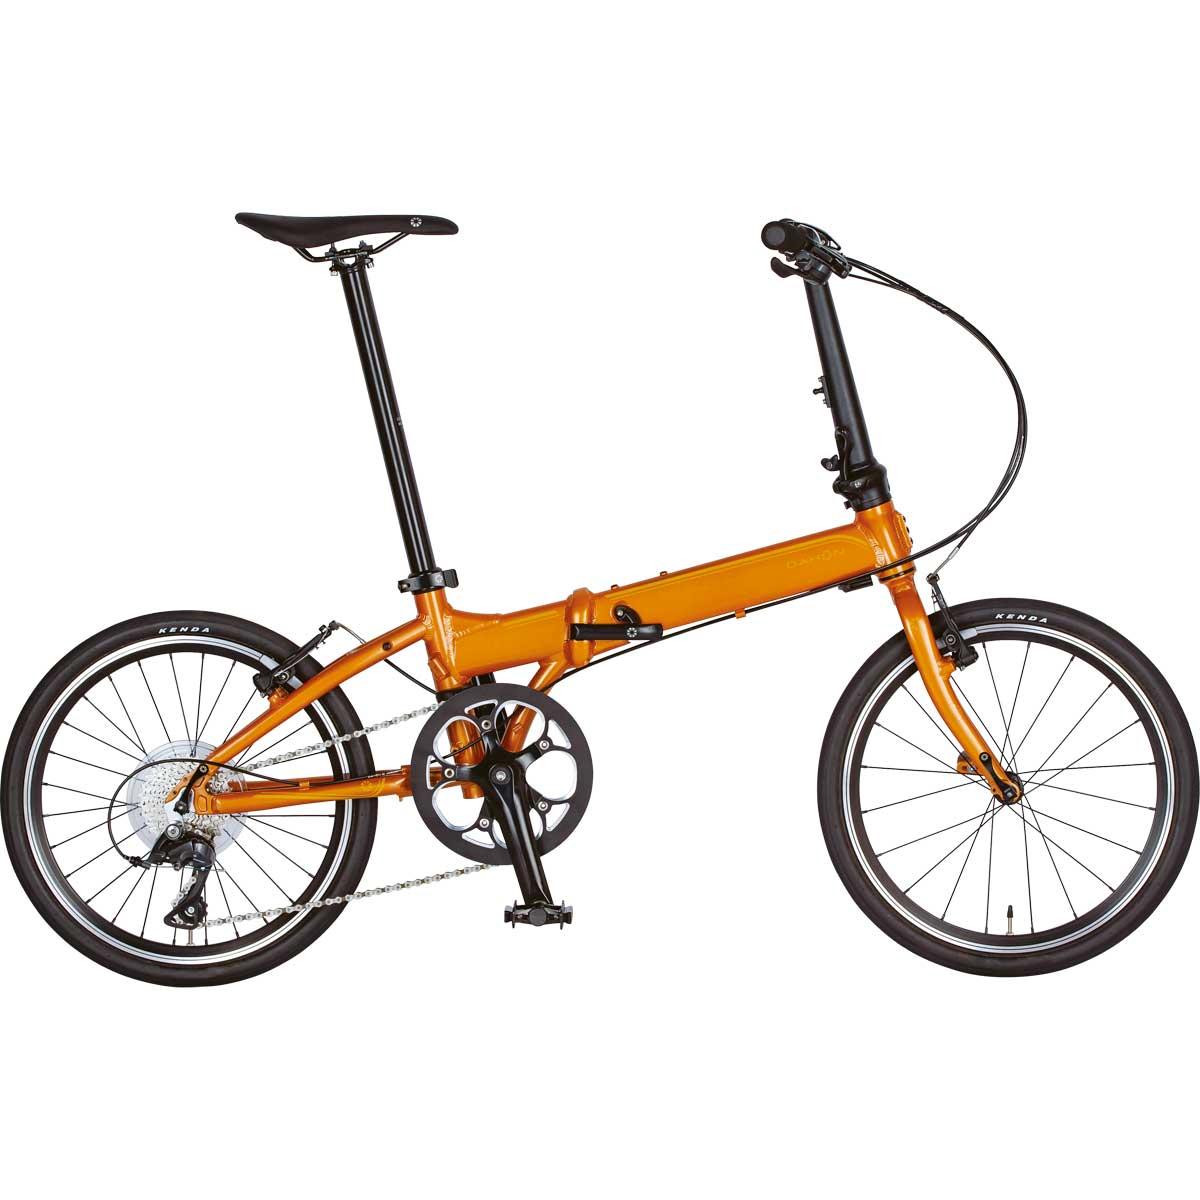 DAHON/ダホンVitesseD8ヴィテッセD8アプリコット(9024)折りたたみ自転車自転車本体